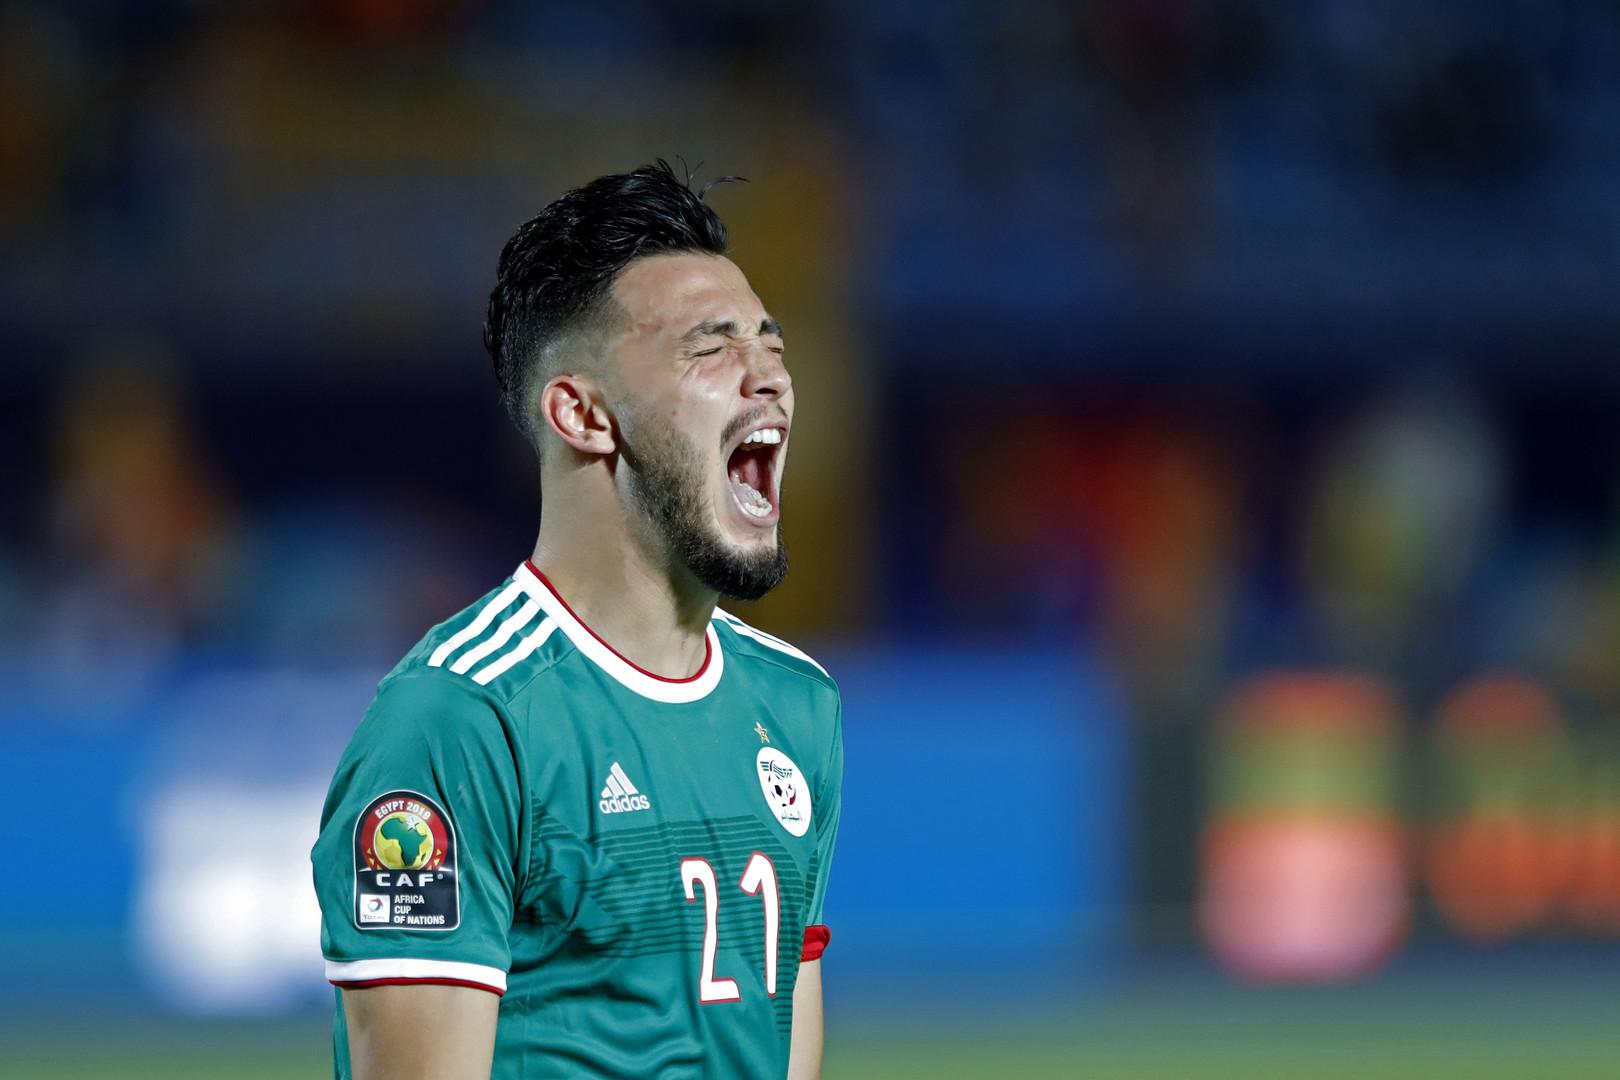 الجزائري بن سبعيني يلتحق رسميا بالدوري الألماني